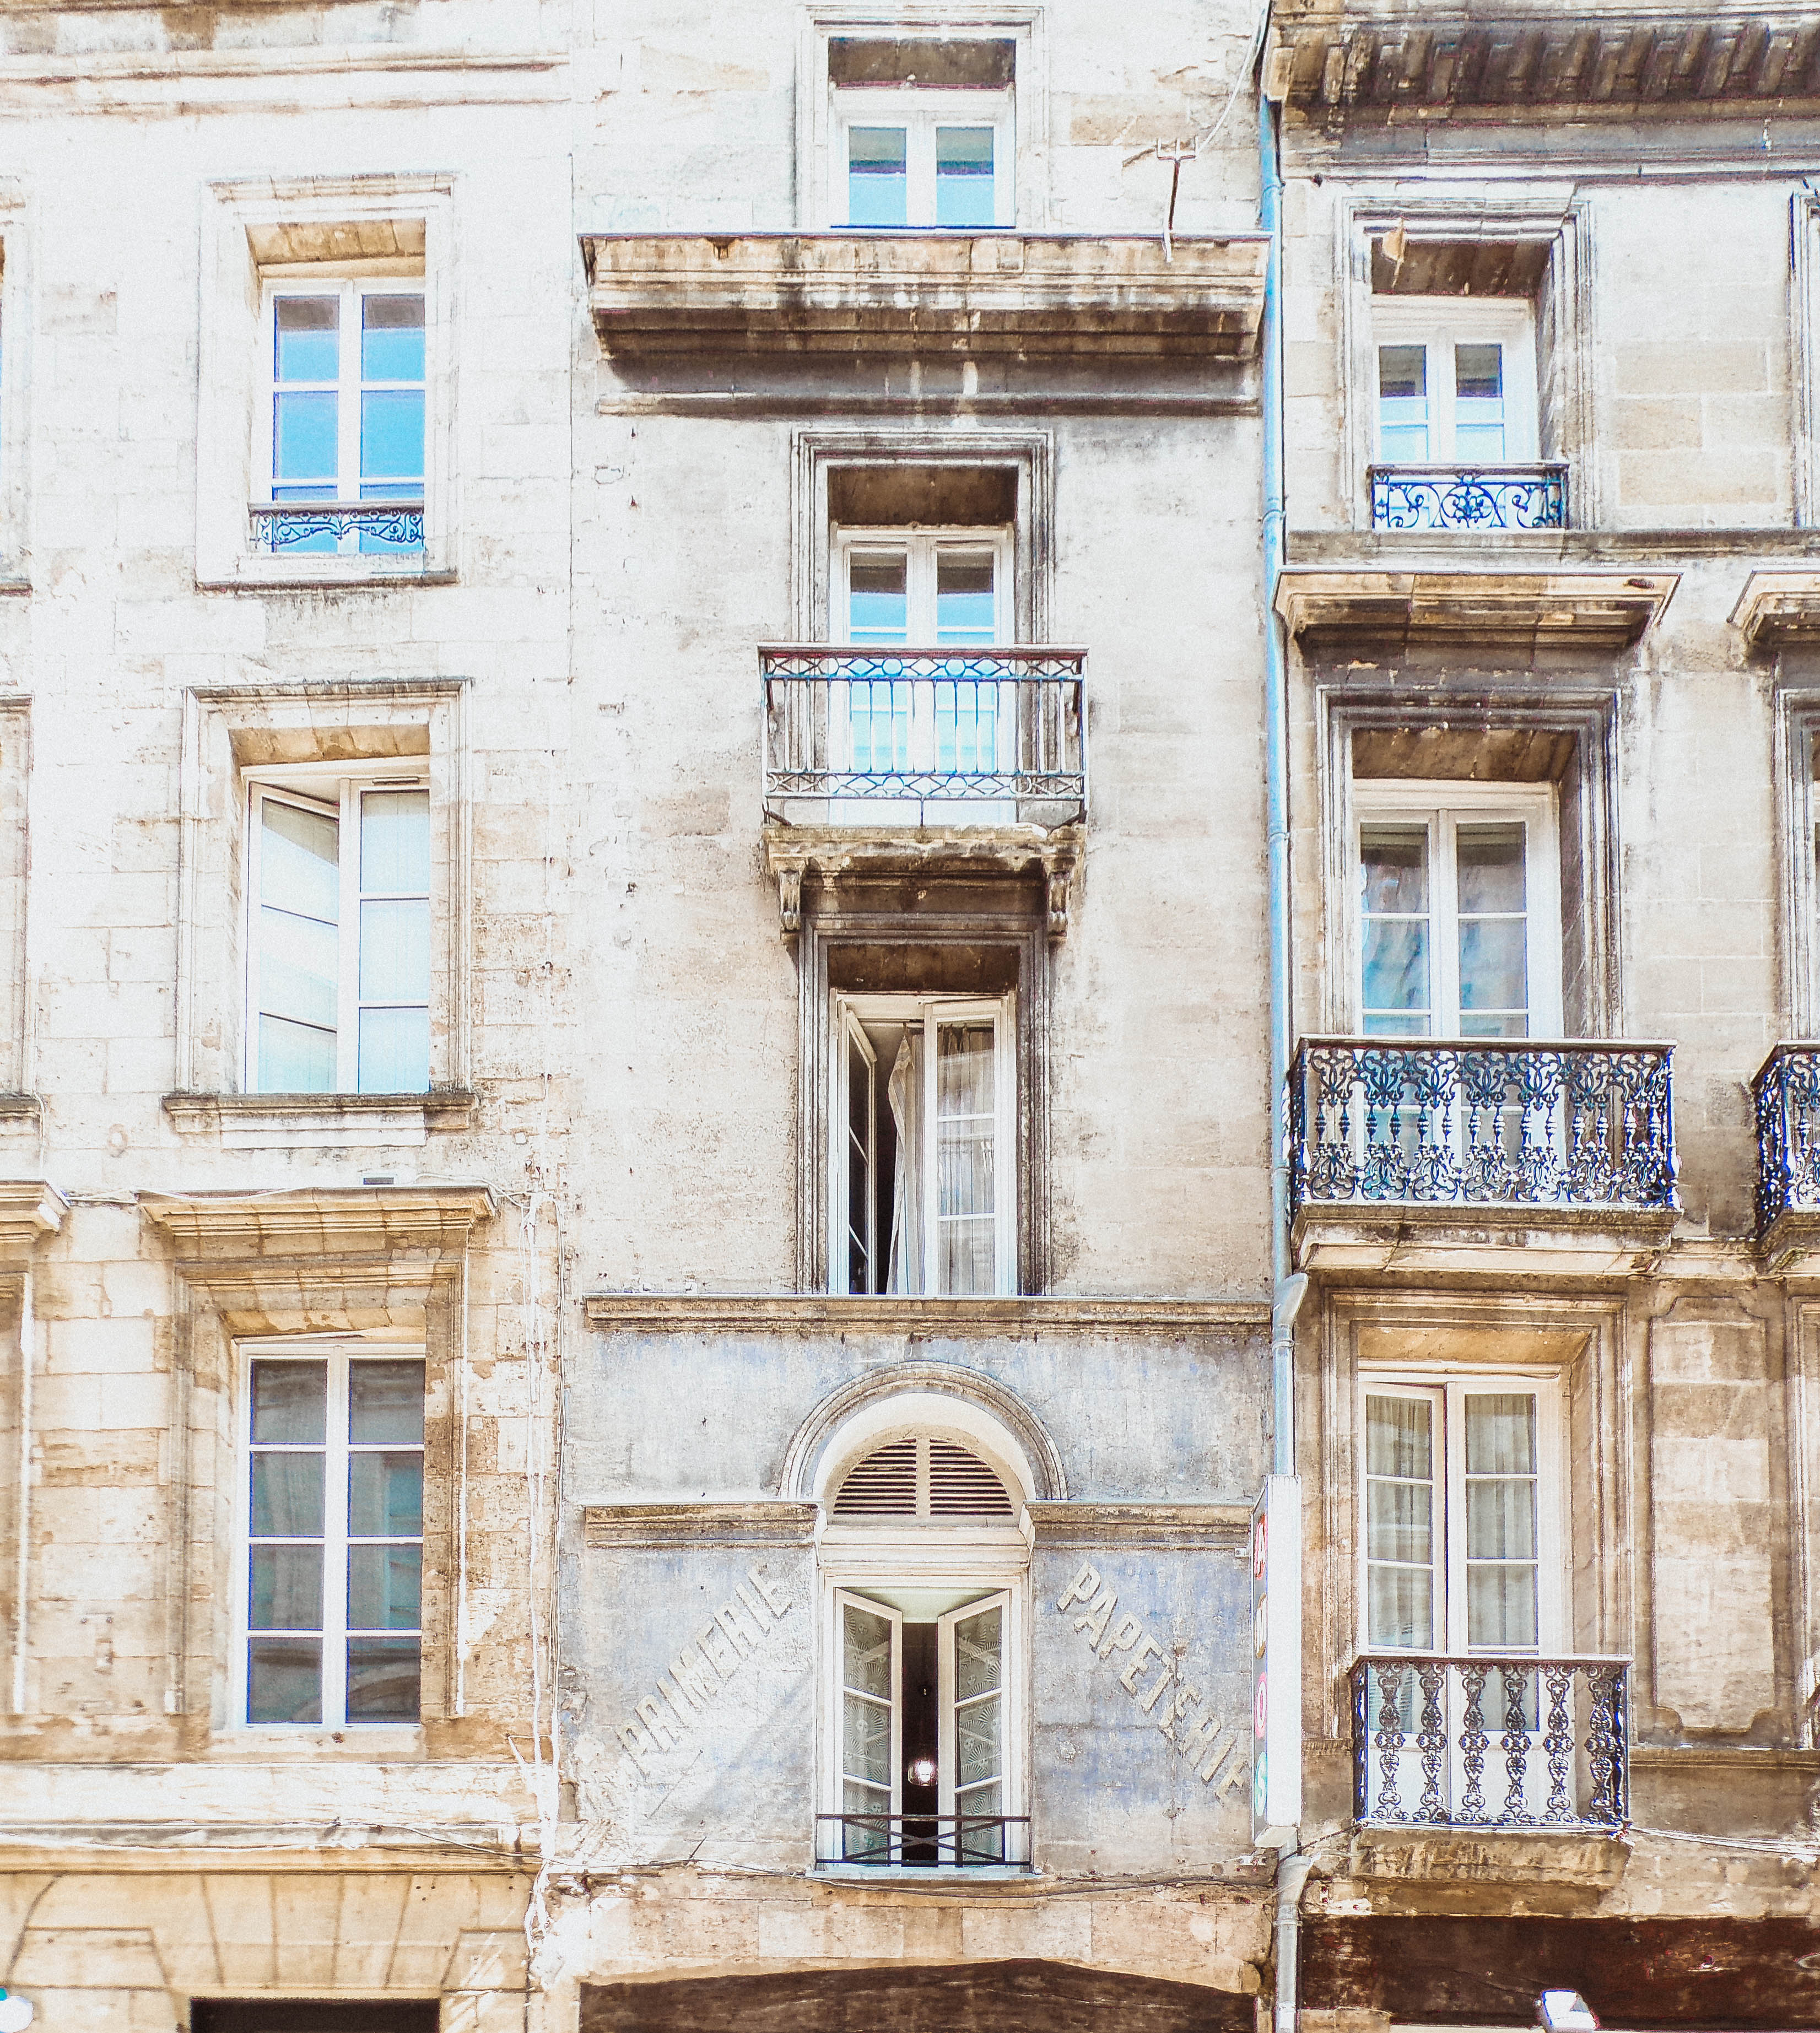 Rencontre Sexe Nancy (54000), Trouves Ton Plan Cul Sur Gare Aux Coquines